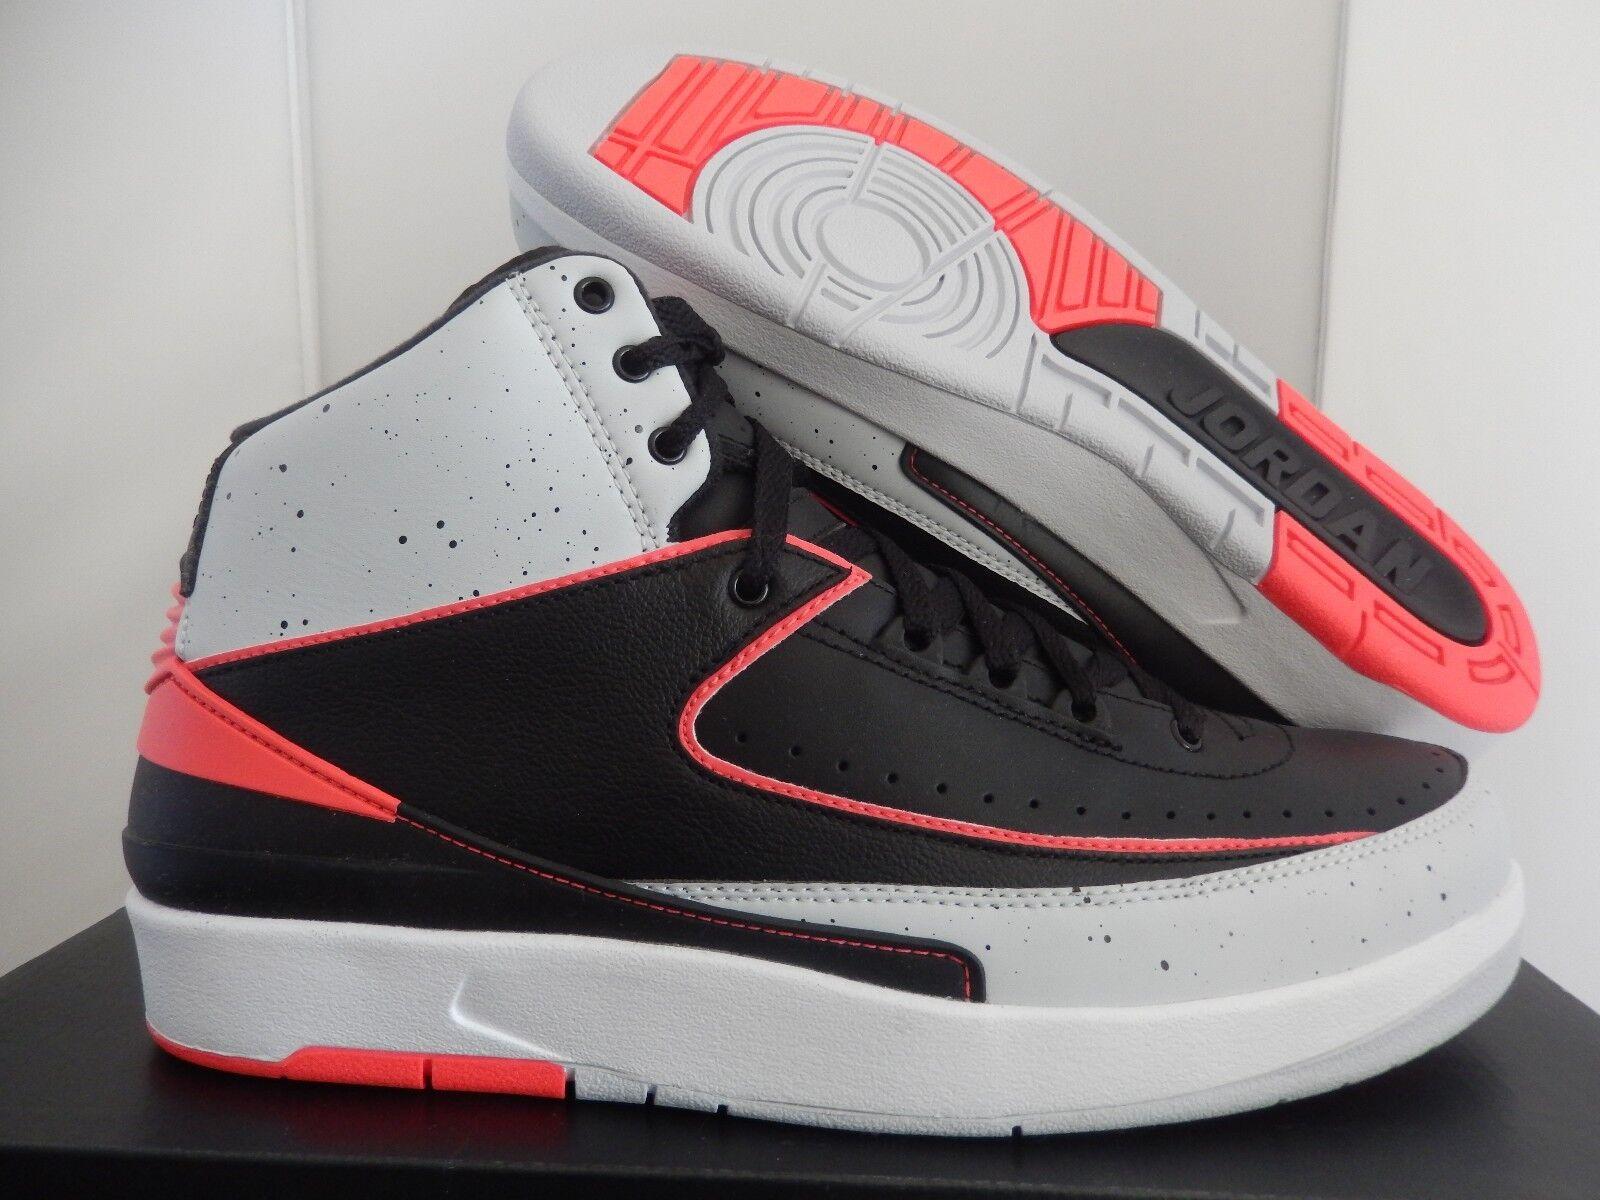 Nike air jordan 2 uomini retrò nero-infrared 23-platinum sz 9 [385475-023]